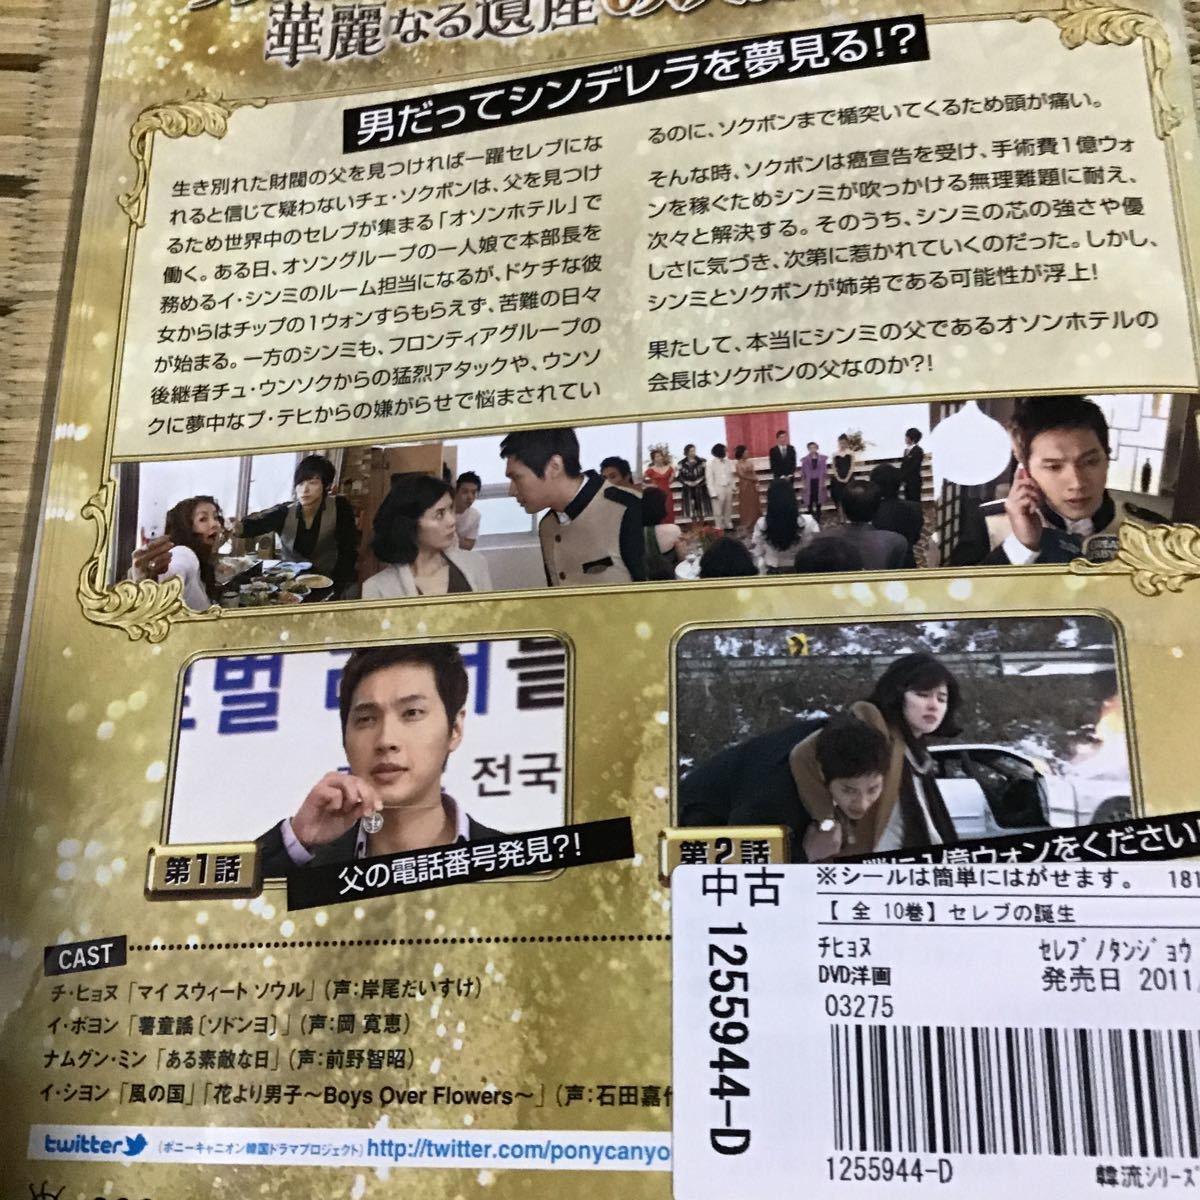 セレブの誕生 ★全巻セット DVD 韓国ドラマ★レンタル落ち★イボヨン★チヒョヌ★ナムグンミン